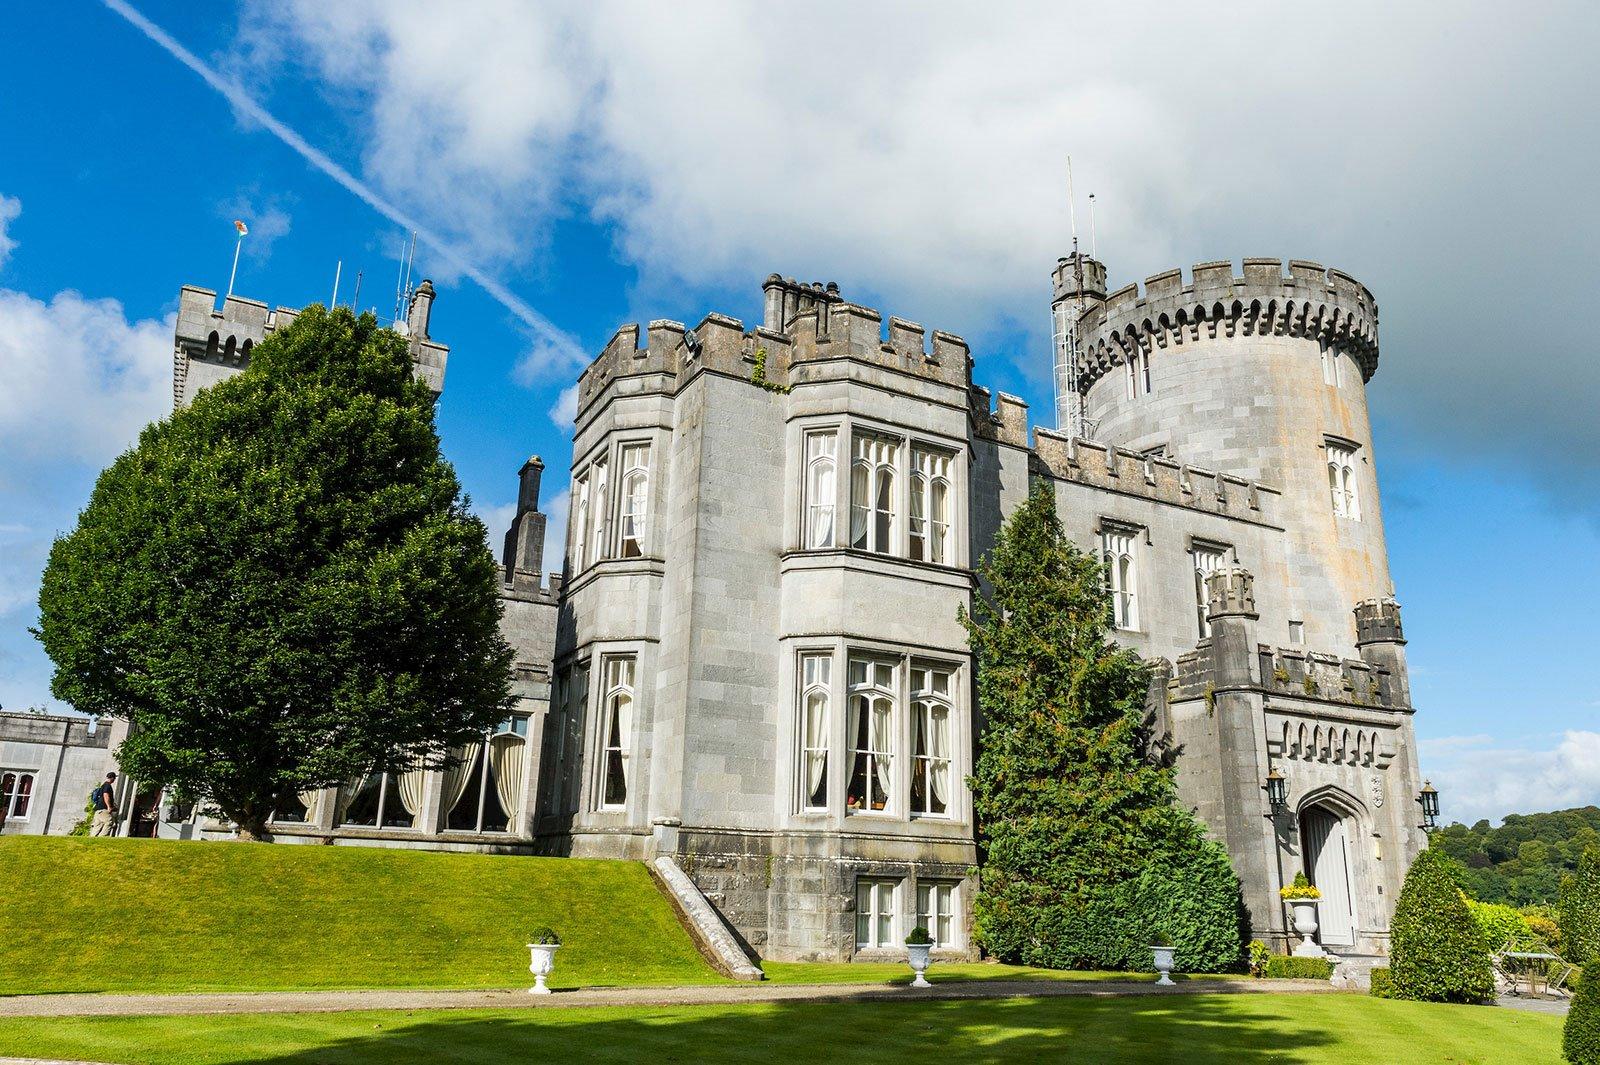 Castillo de Dromoland